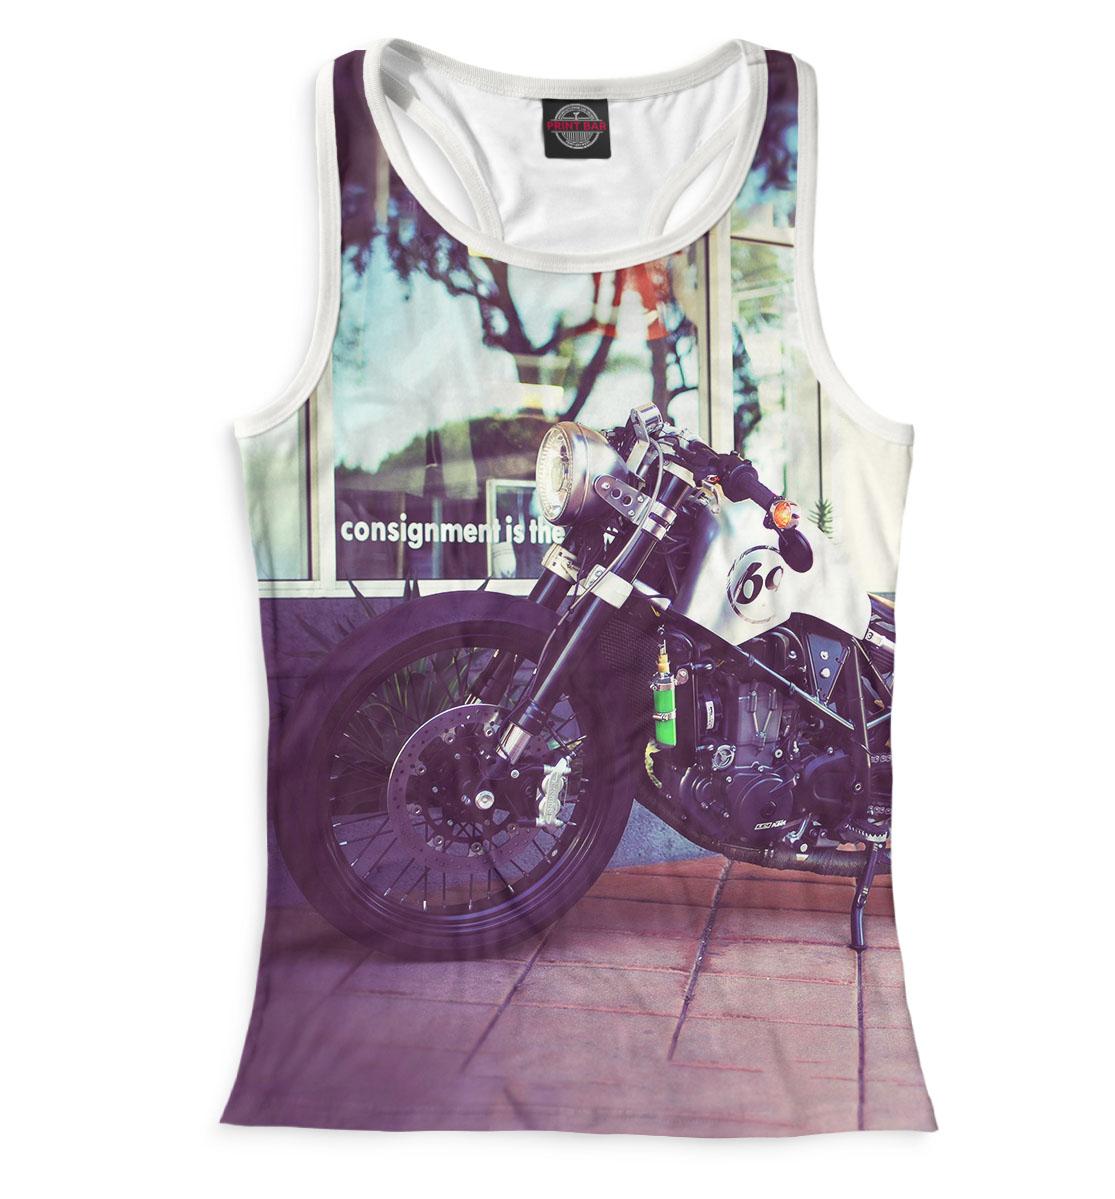 Купить Майка для девочки Мотоцикл MTR-412869-mayb-1